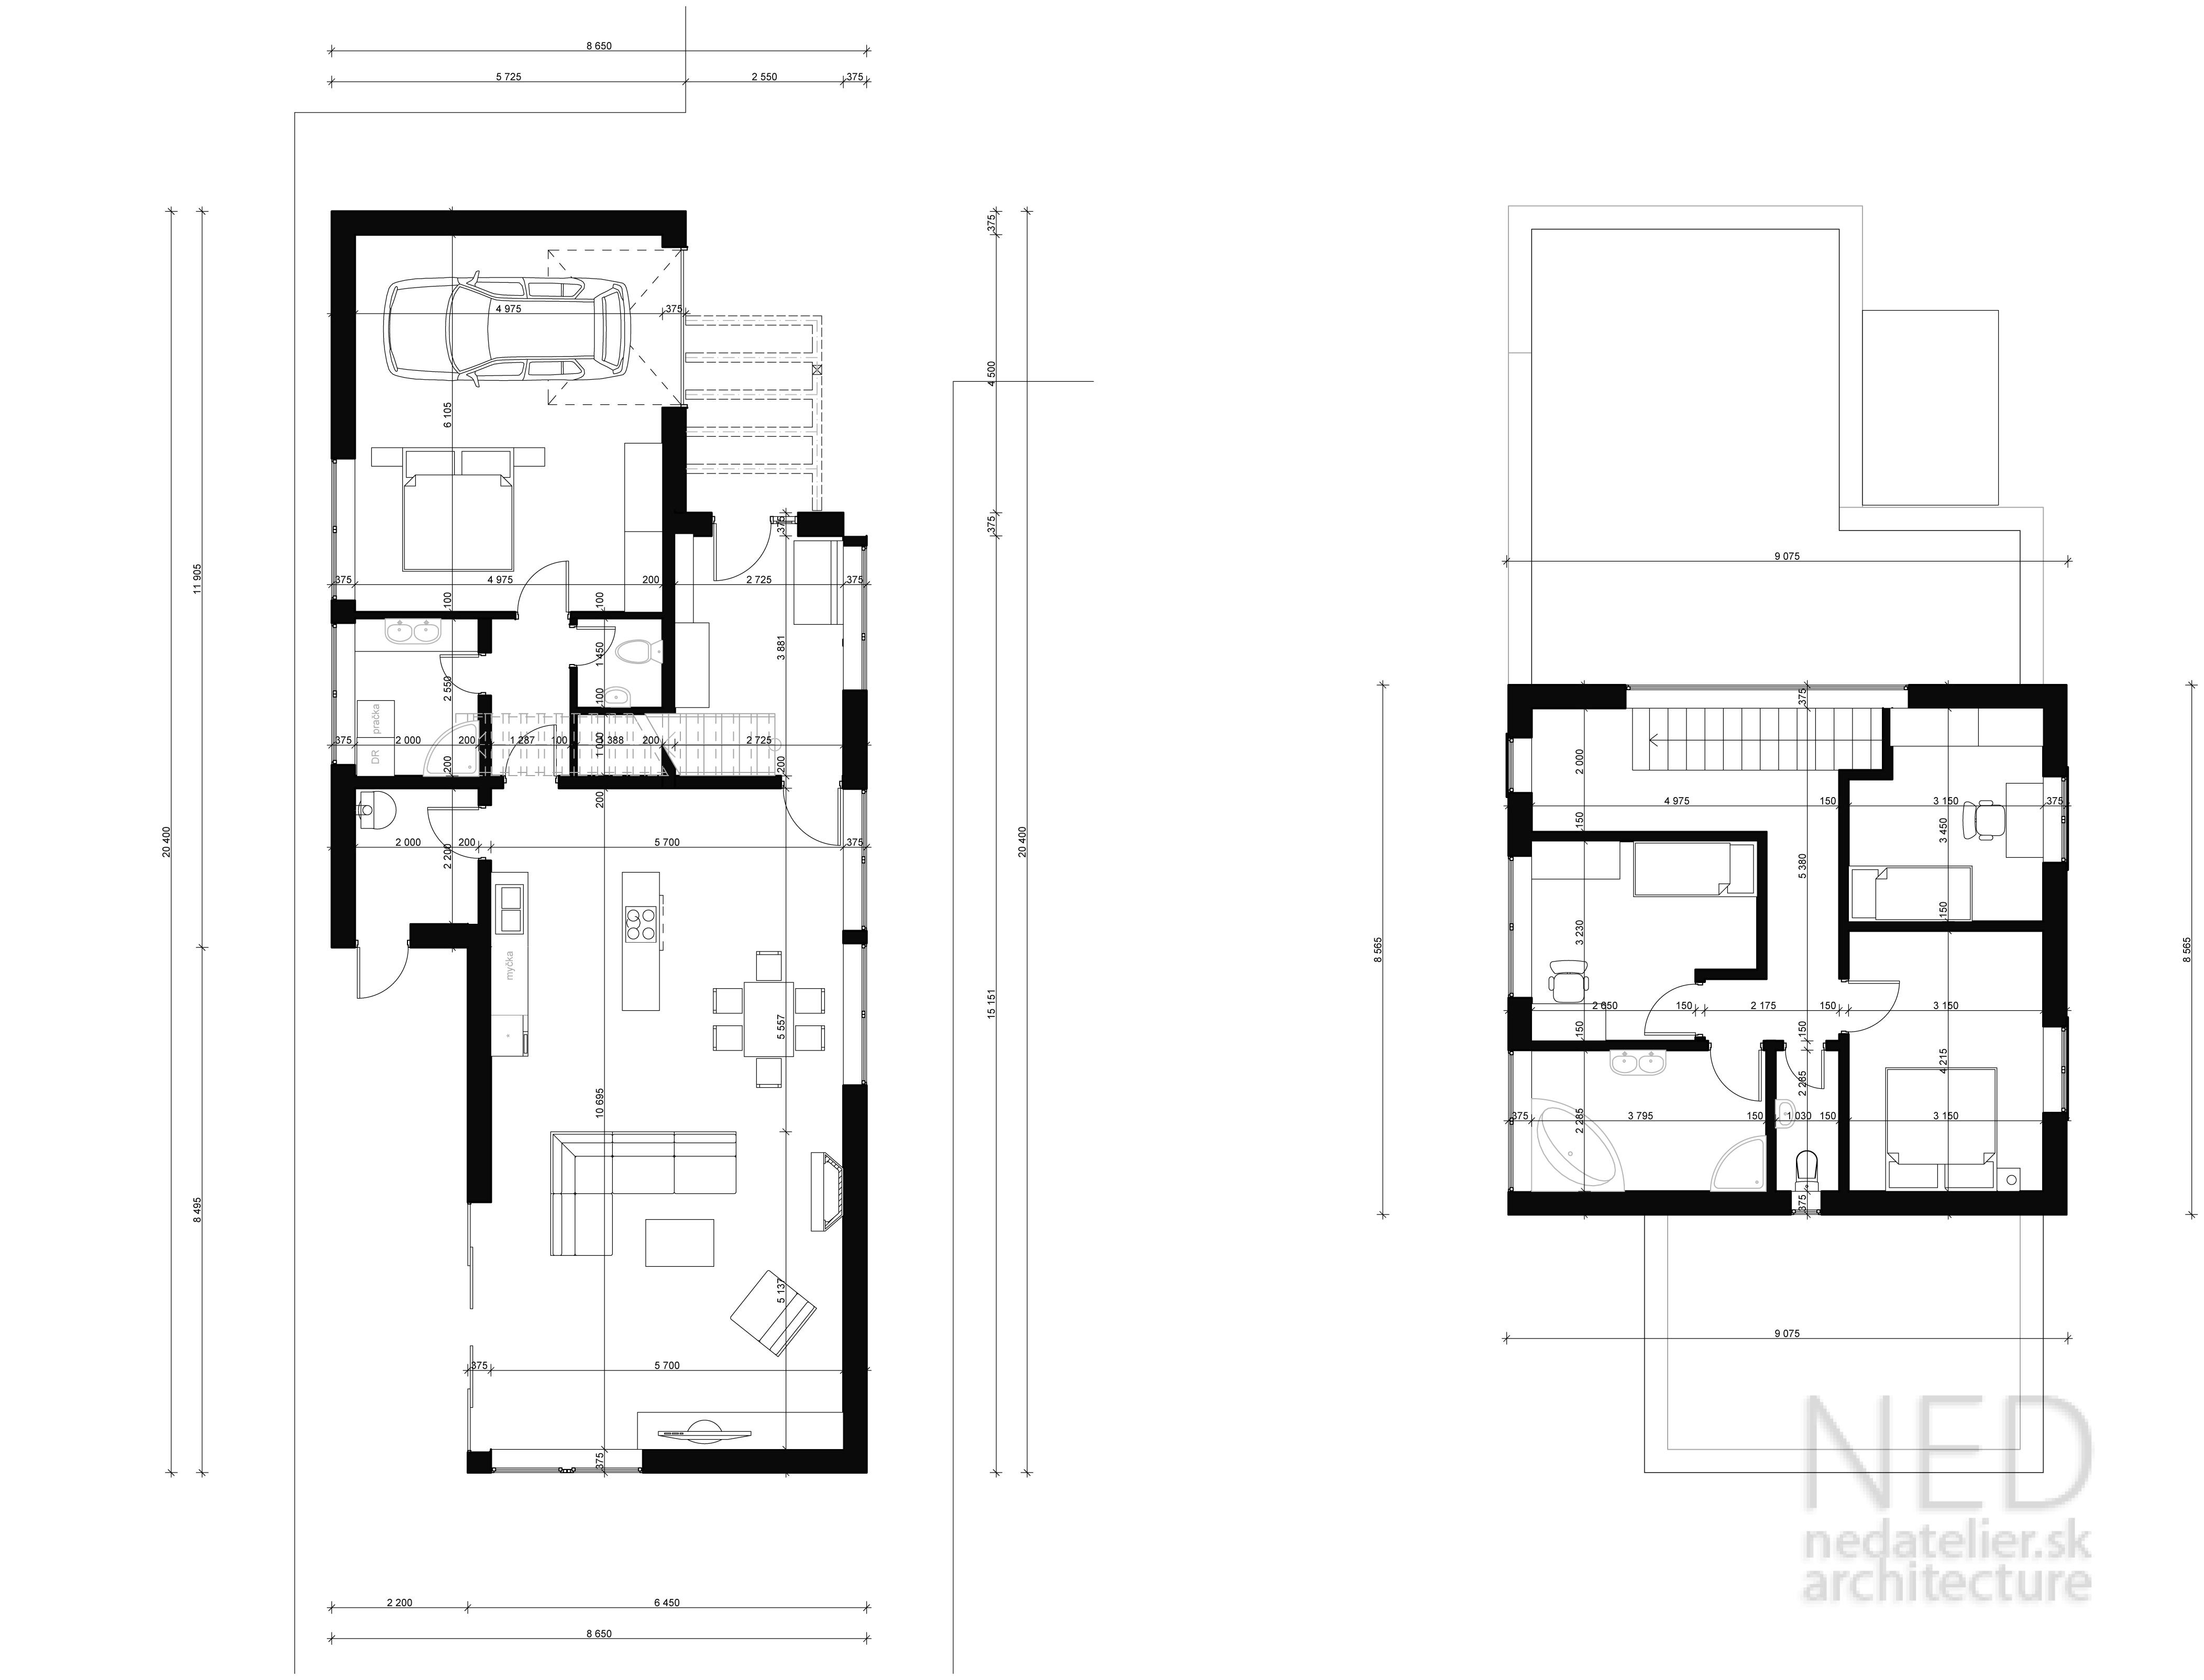 Projekt nízkoenergetického rodinného domu NOR2